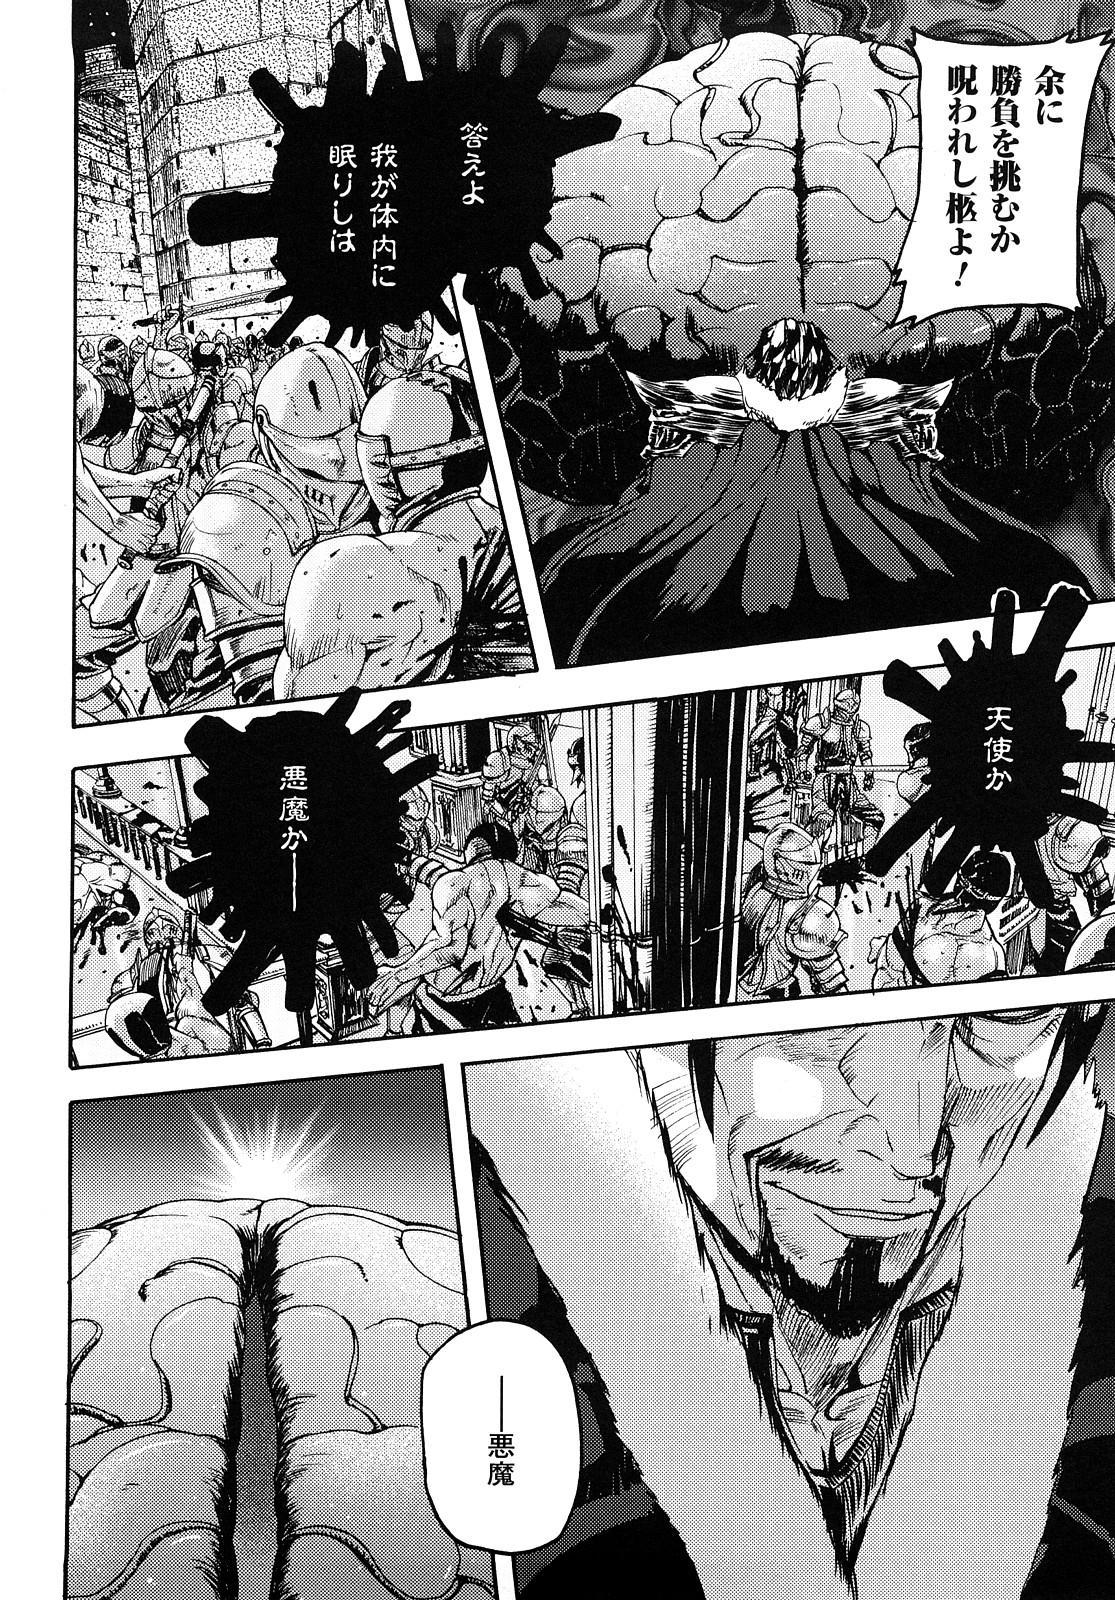 Cerberum no Hitsugi Haitoku no Hanmegami - The Coffin of Cerebrum Immoral Demivenus 110